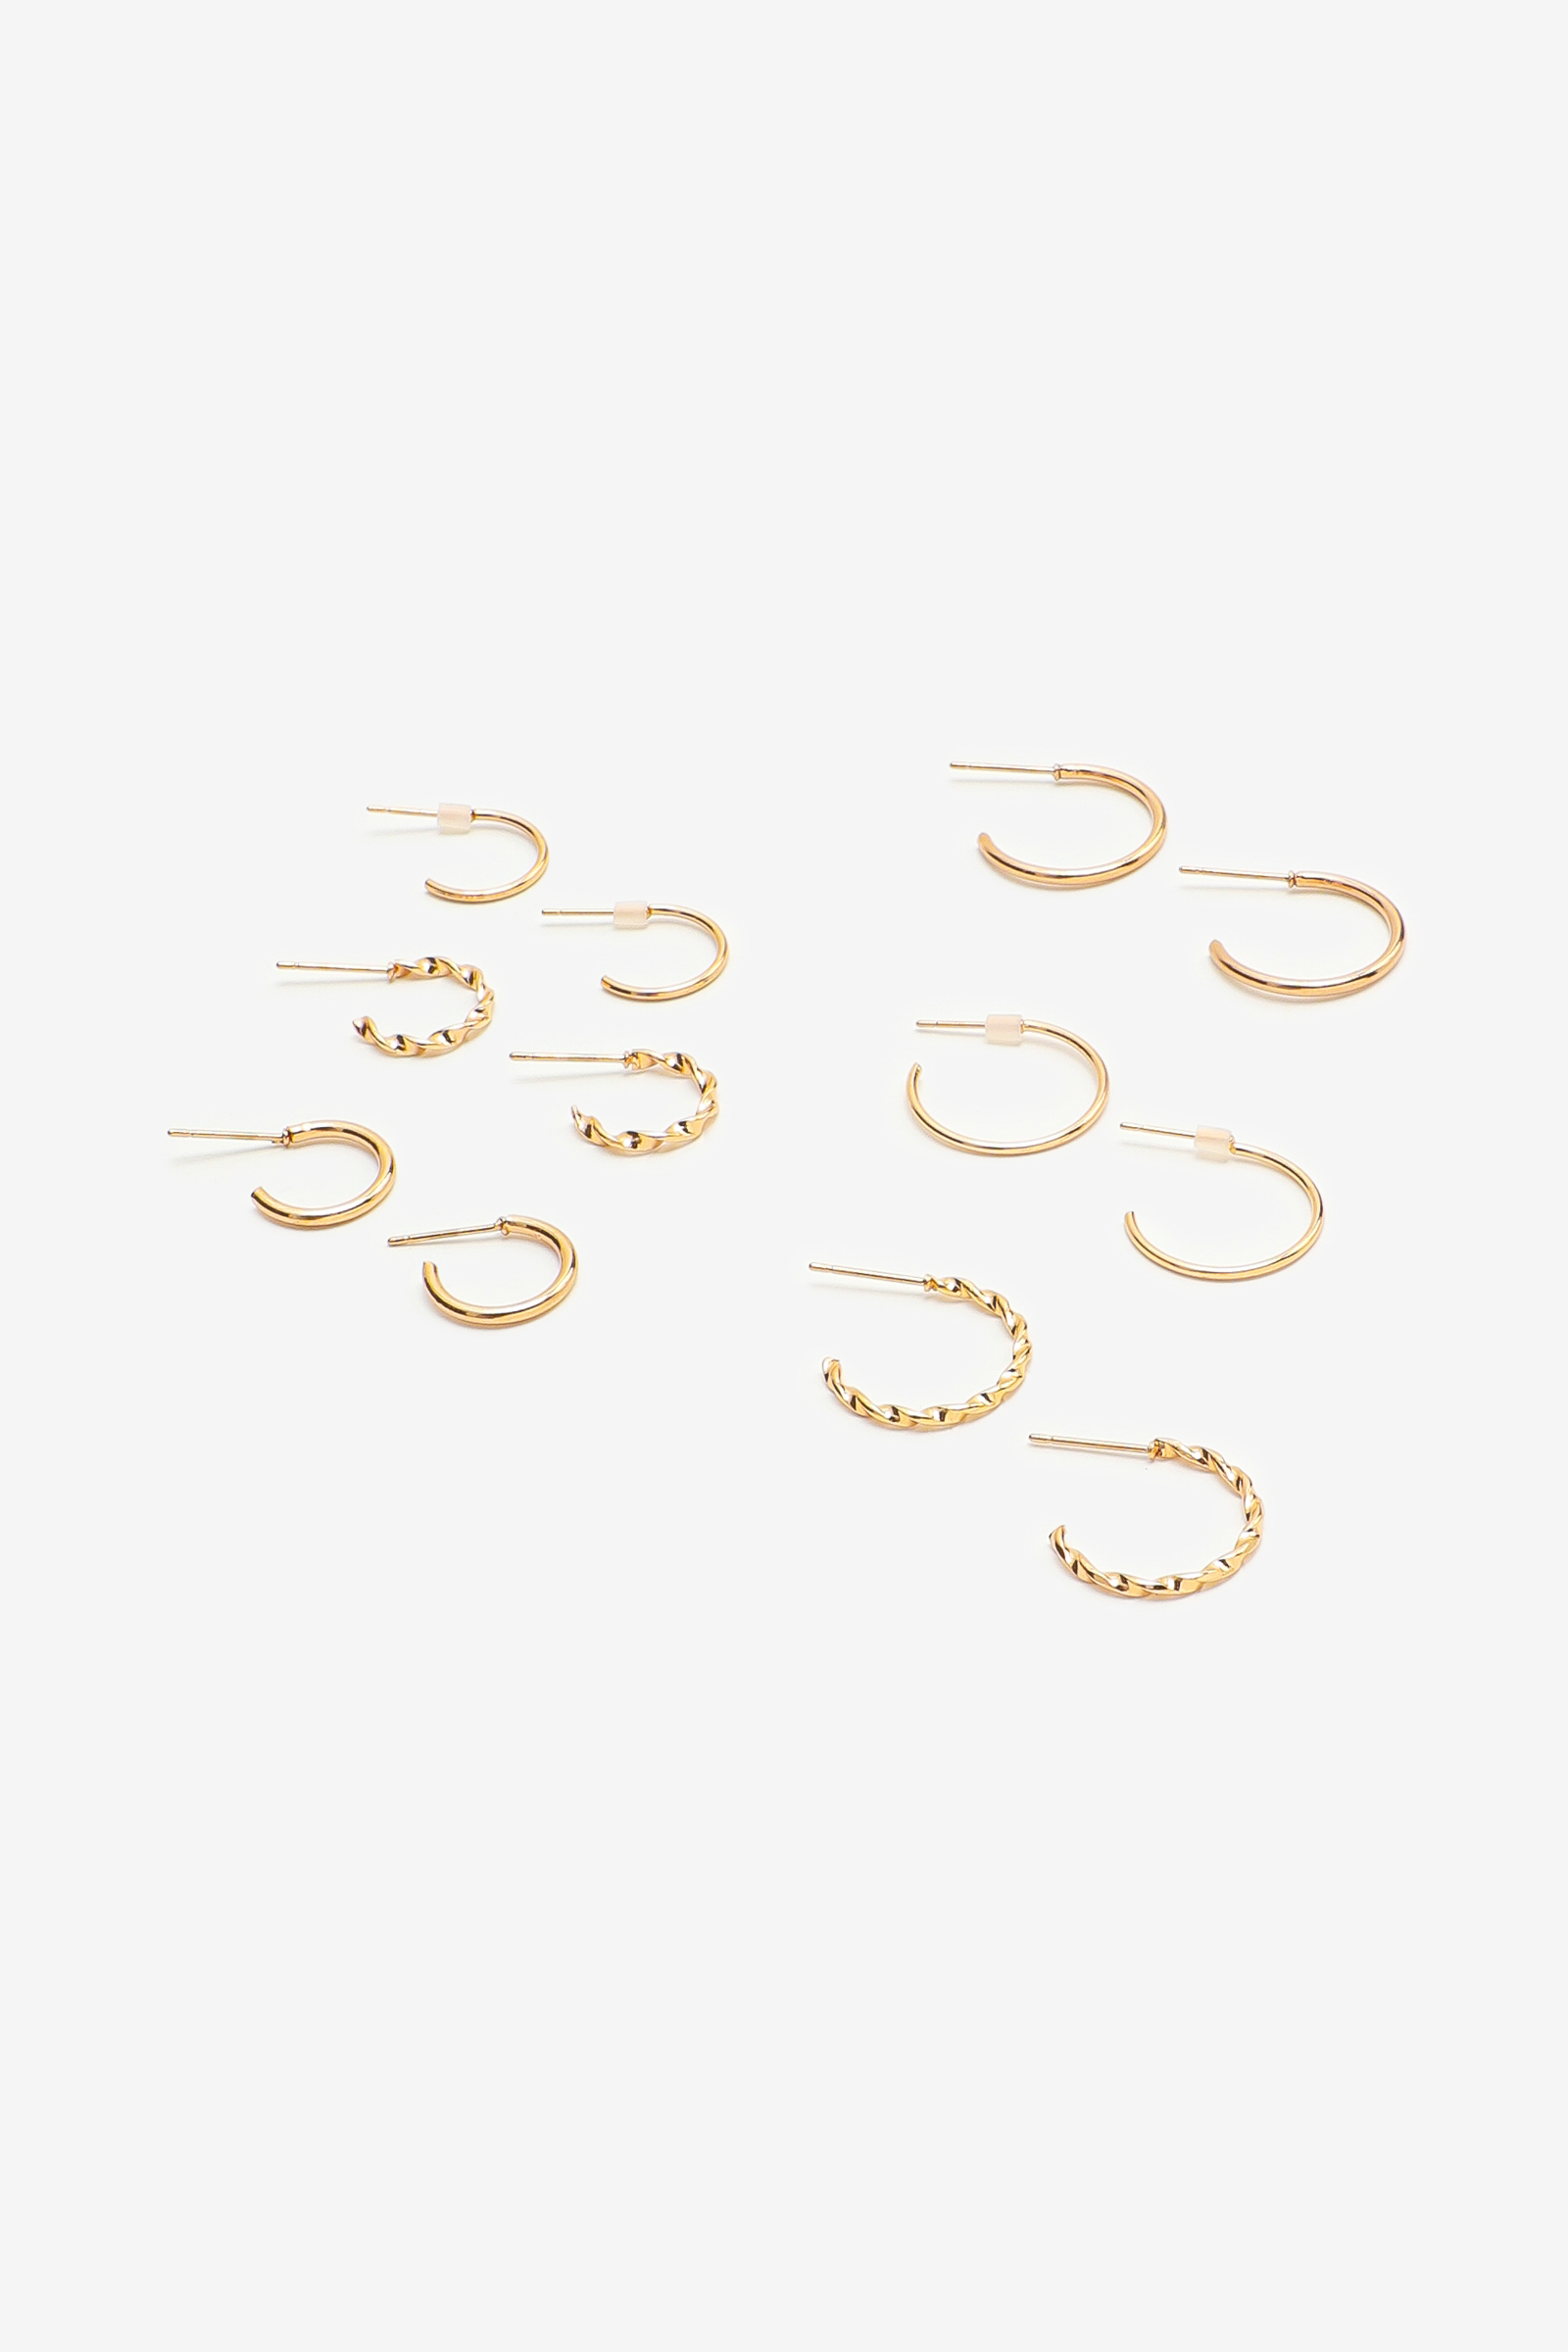 Paquet d'anneaux texturés dorés